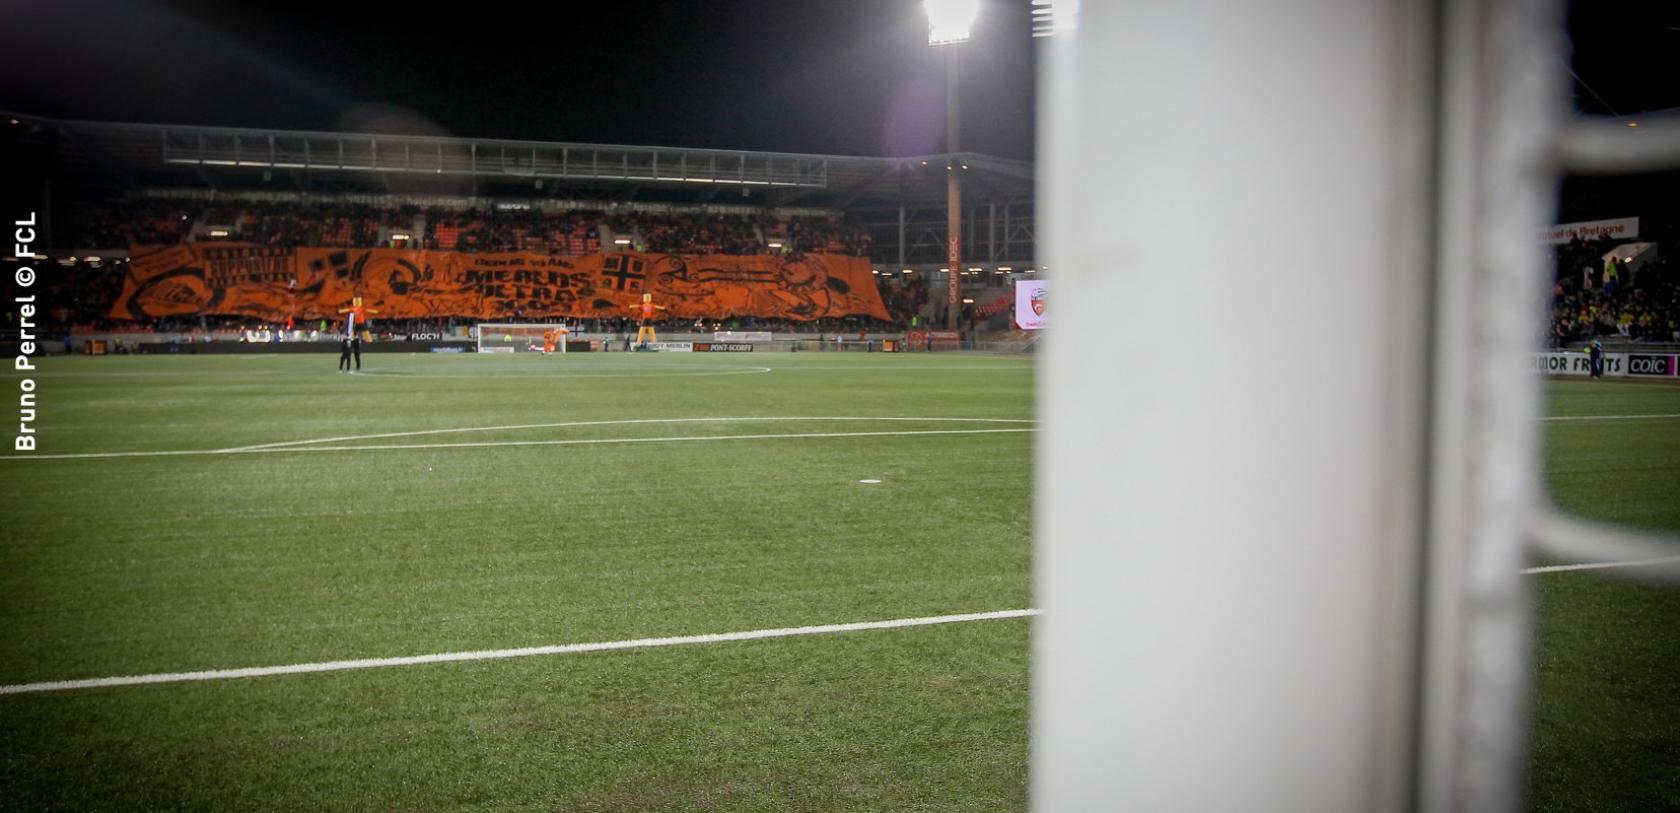 Tifo dans les tribunes du stade, FCL